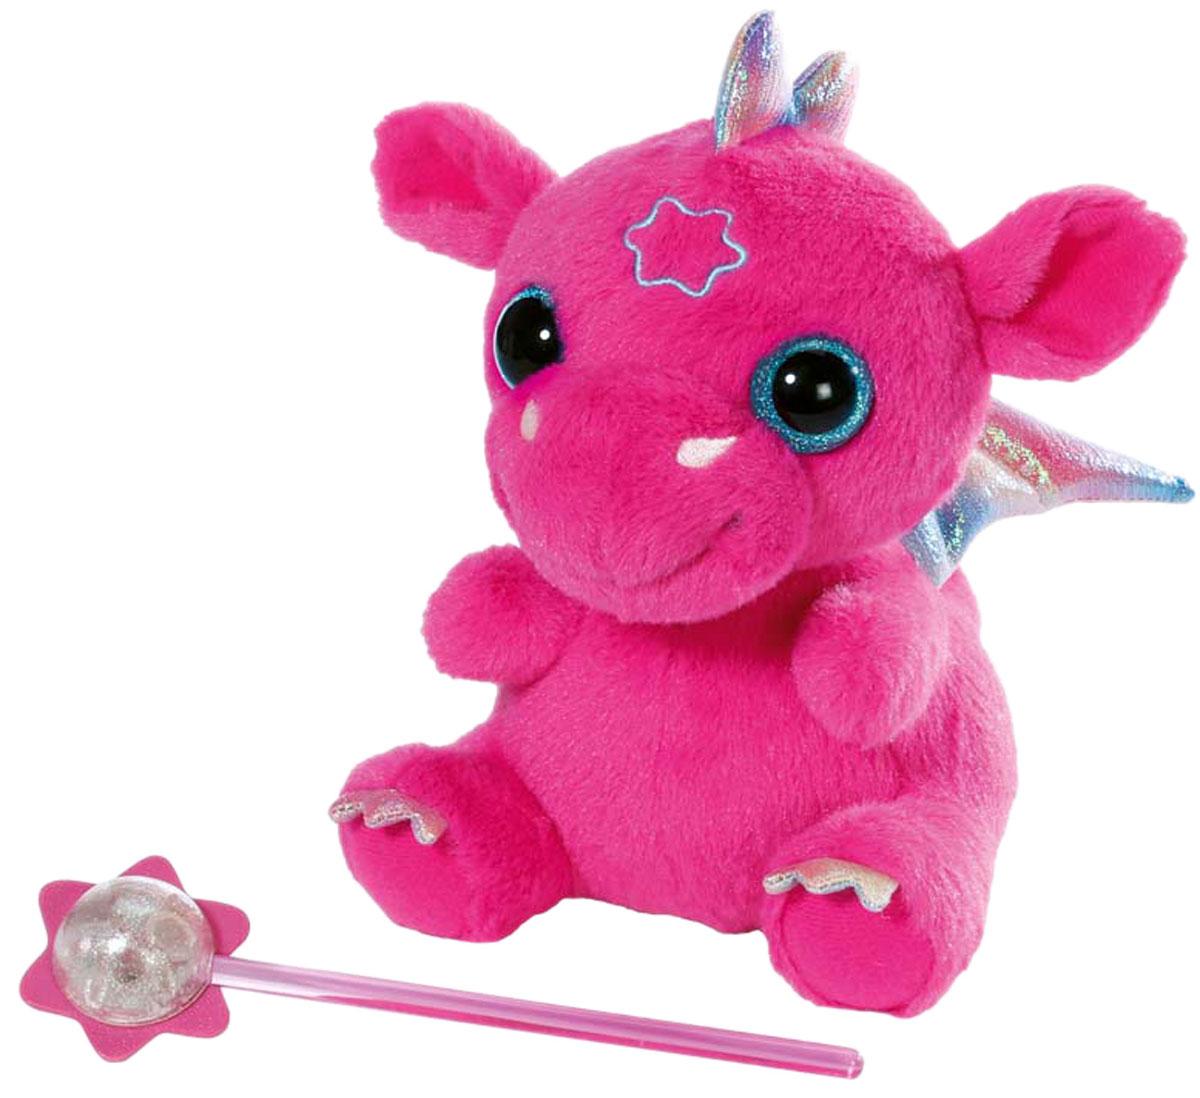 Baby Born Интерактивная игрушка Дракон интерактивная игрушка на радиоуправлении волшебный дракон